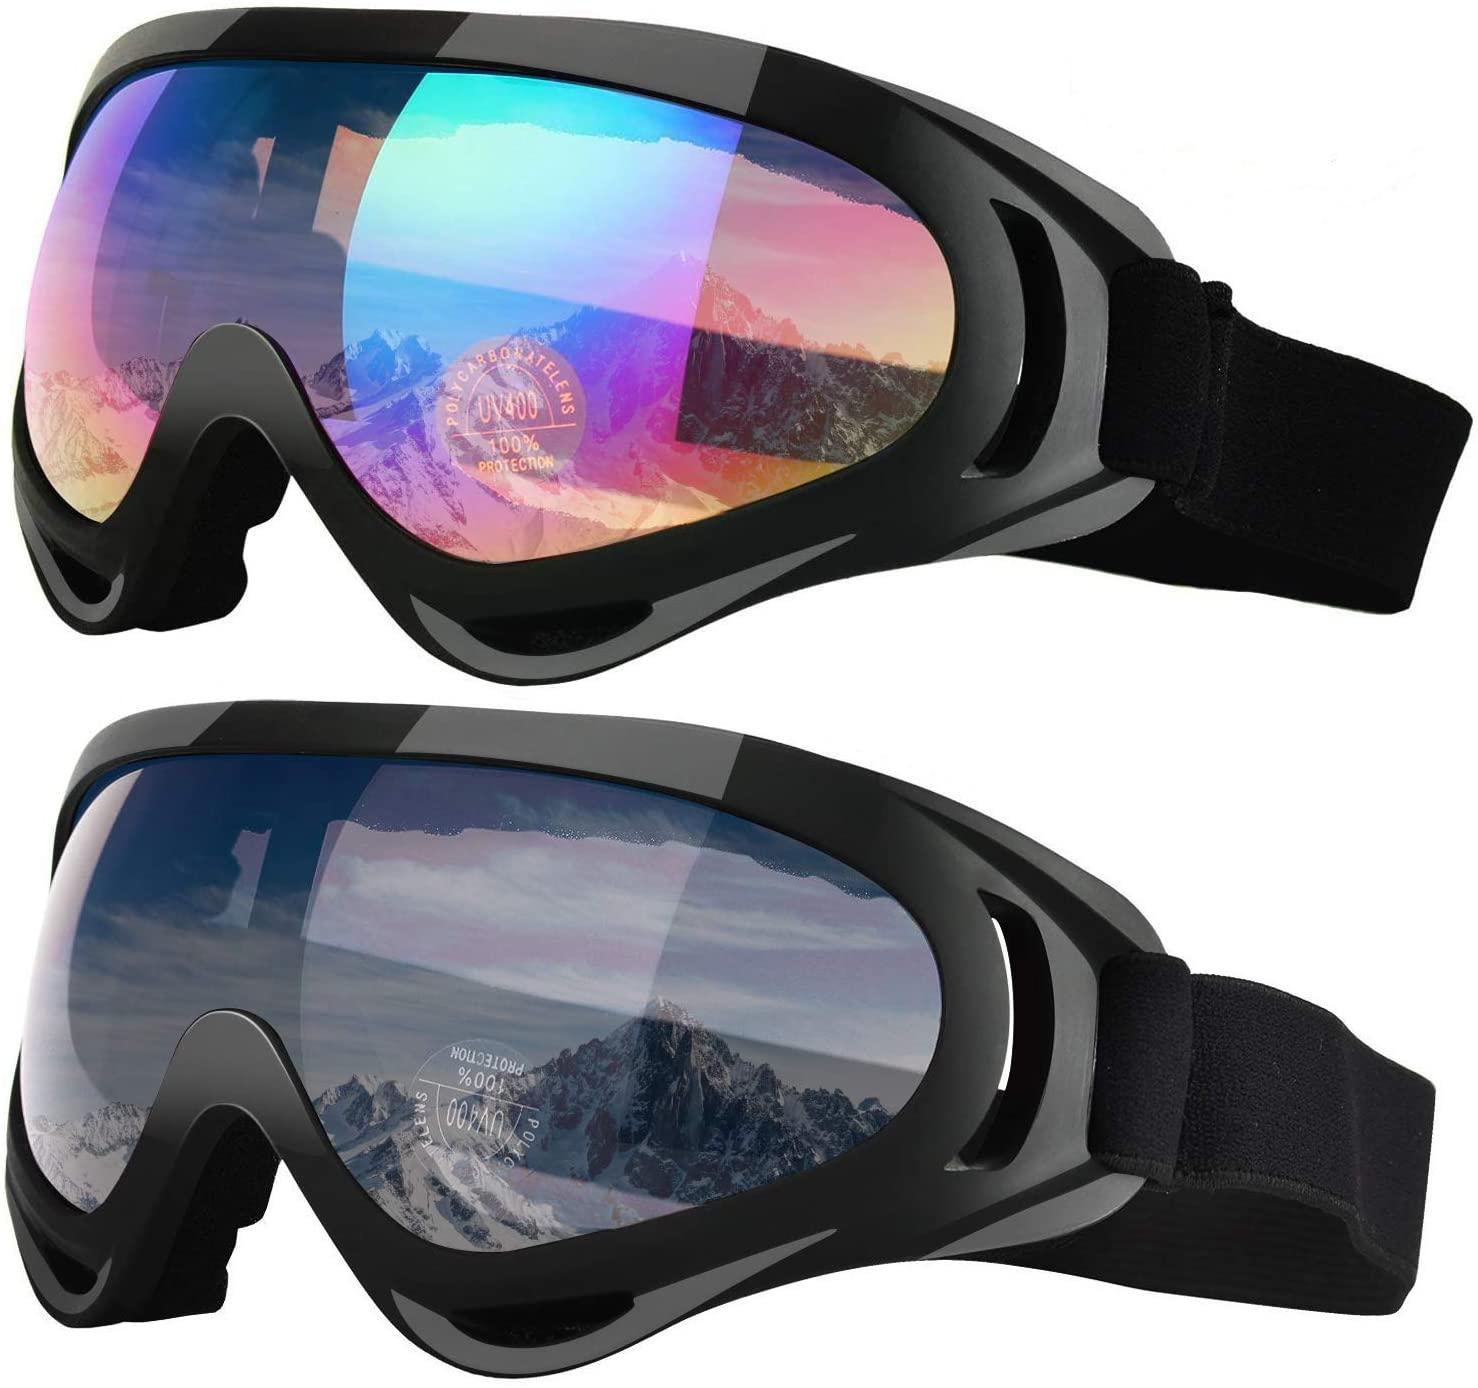 UV400 Pro лыжные очки новые зимние лыжные очки снежные сноуборд солнцезащитные очки ветрозащитные снегоходы лыжные очки для мужчин и женщин